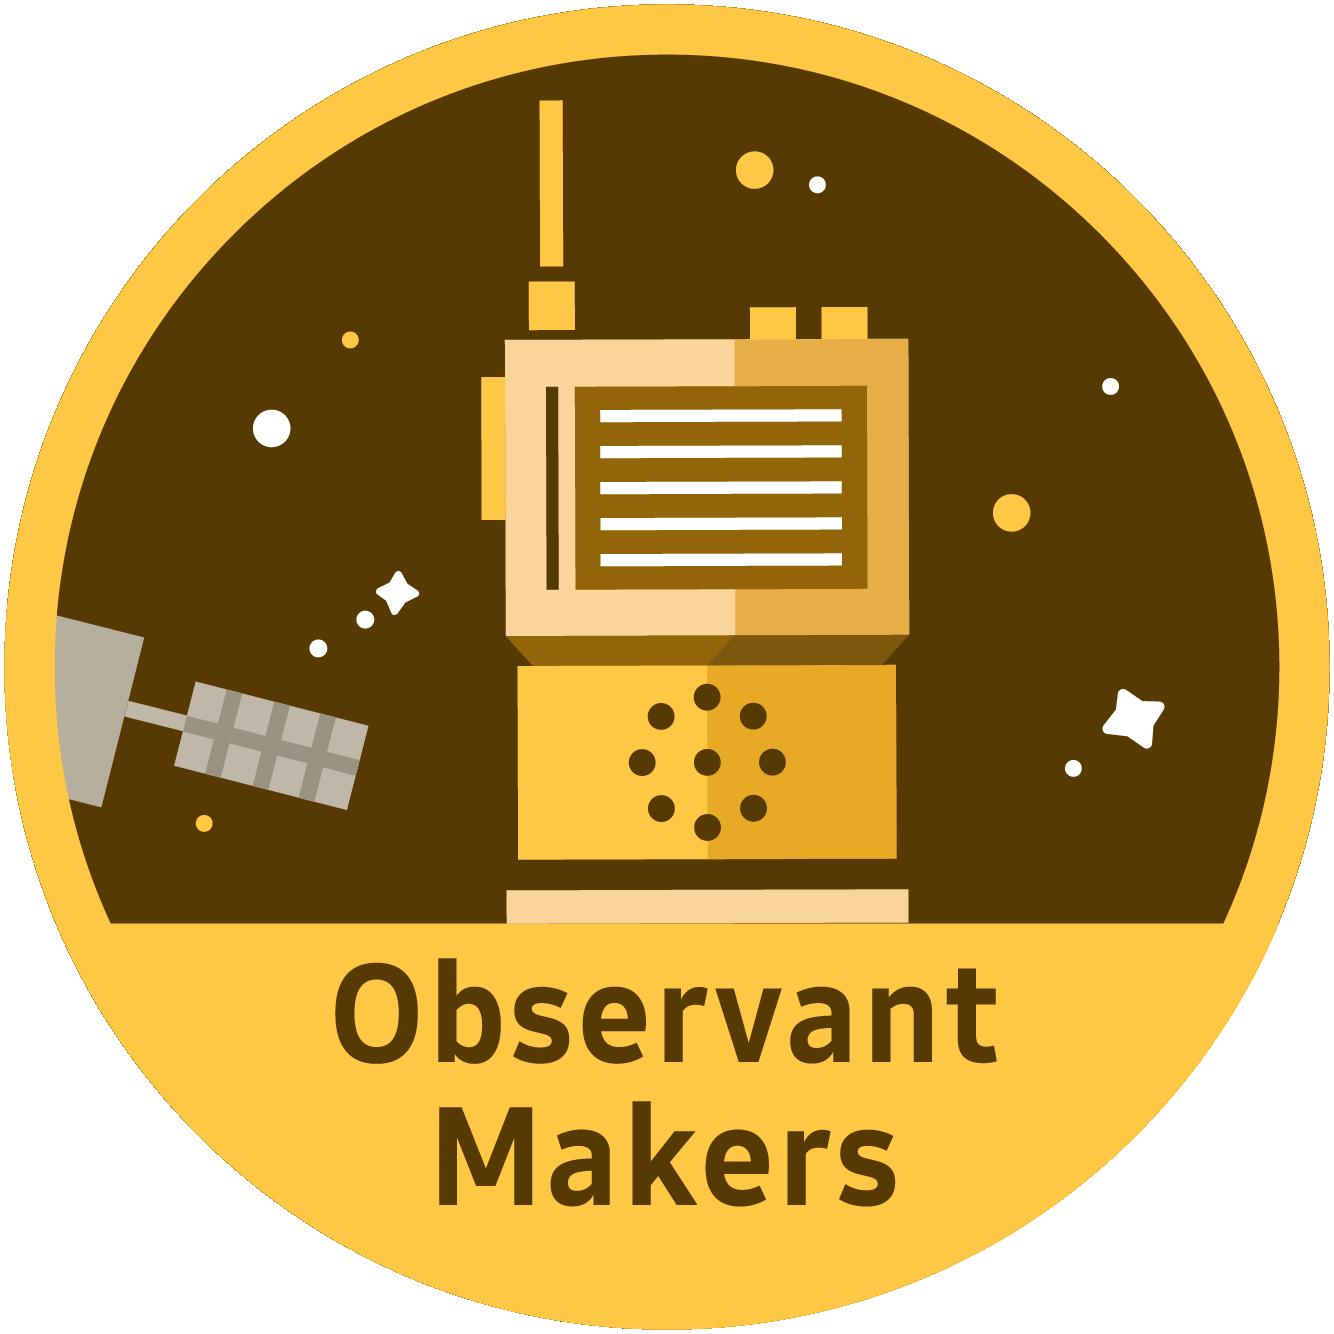 Observant Makers